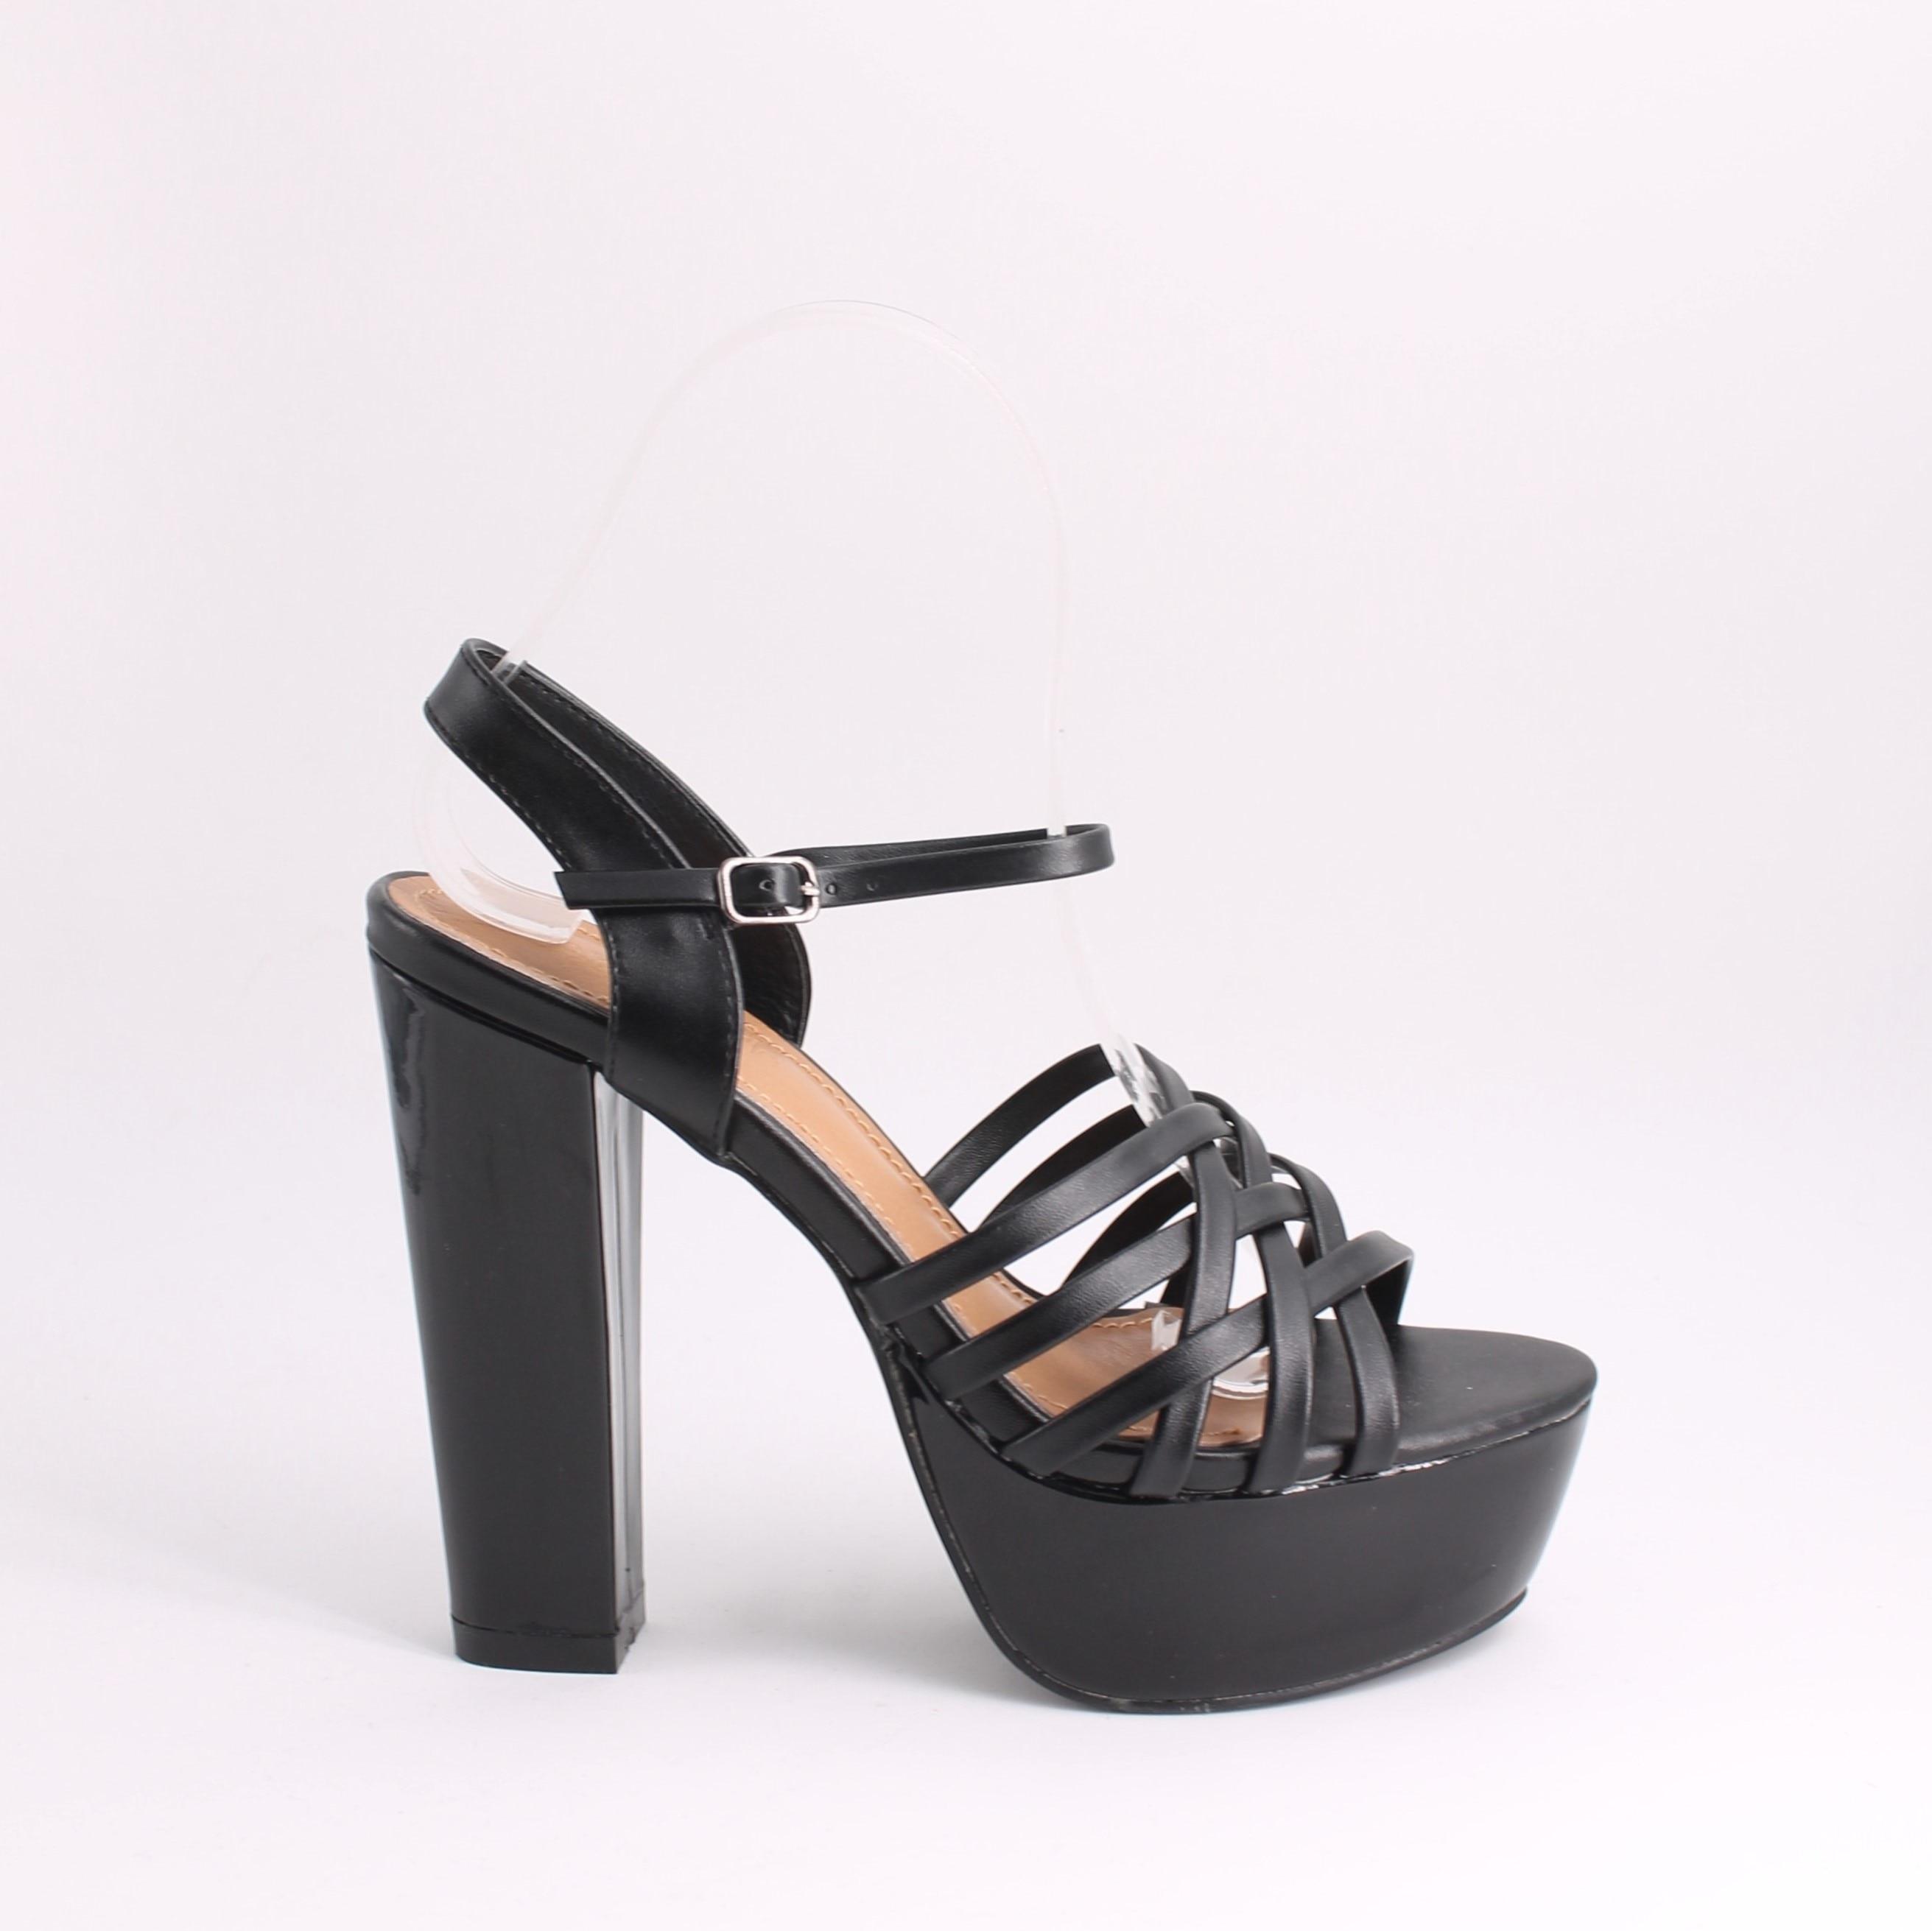 Sandals Women 2019 Summer Sandals For Women Shoes Woman Platform Sandals Women Elegant Fat Heels 35-41